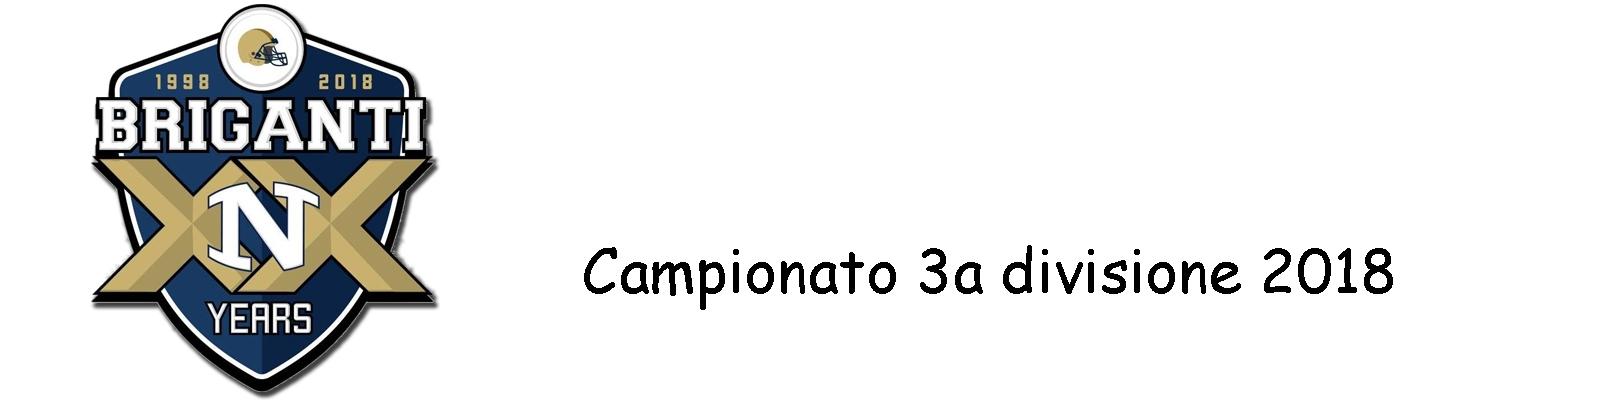 Briganti Napoli anno 2018